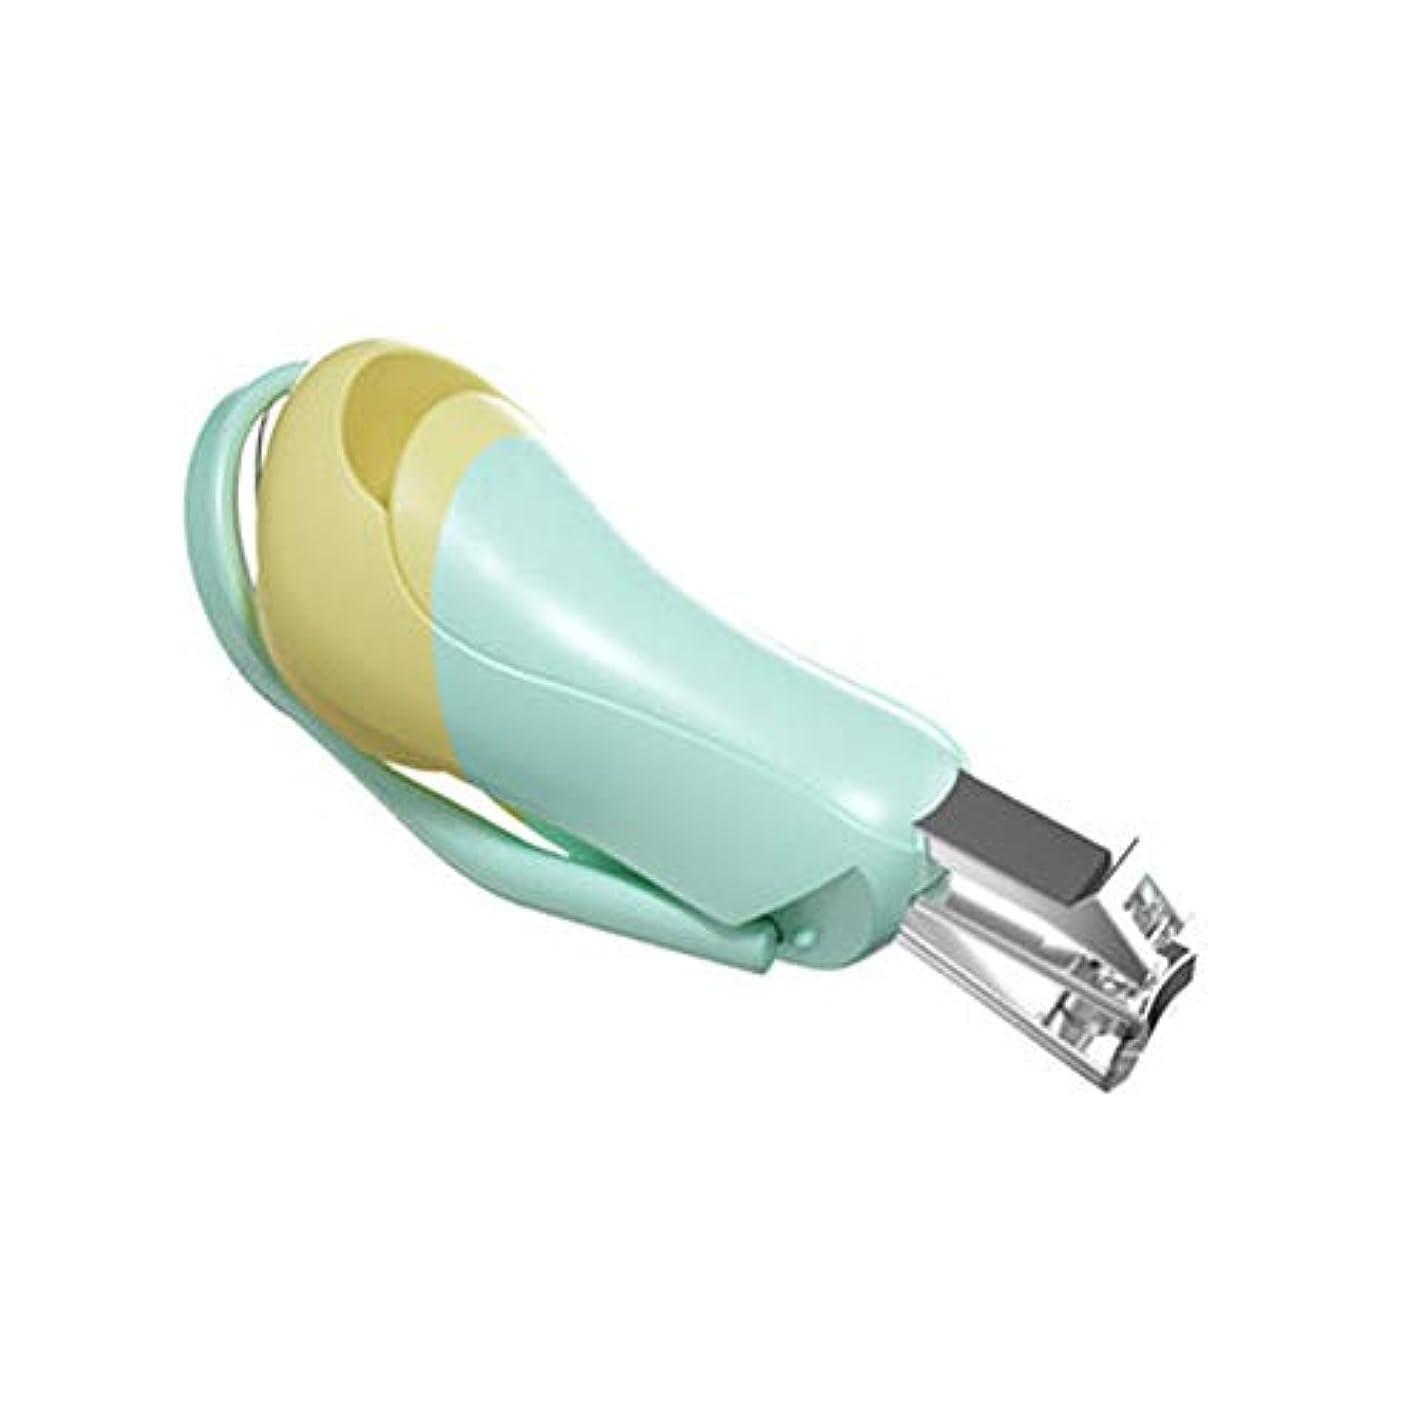 禁輸対話伝導率赤ちゃんの爪切り折り畳み可能爪切り携帯便利 爪切り、グリーン